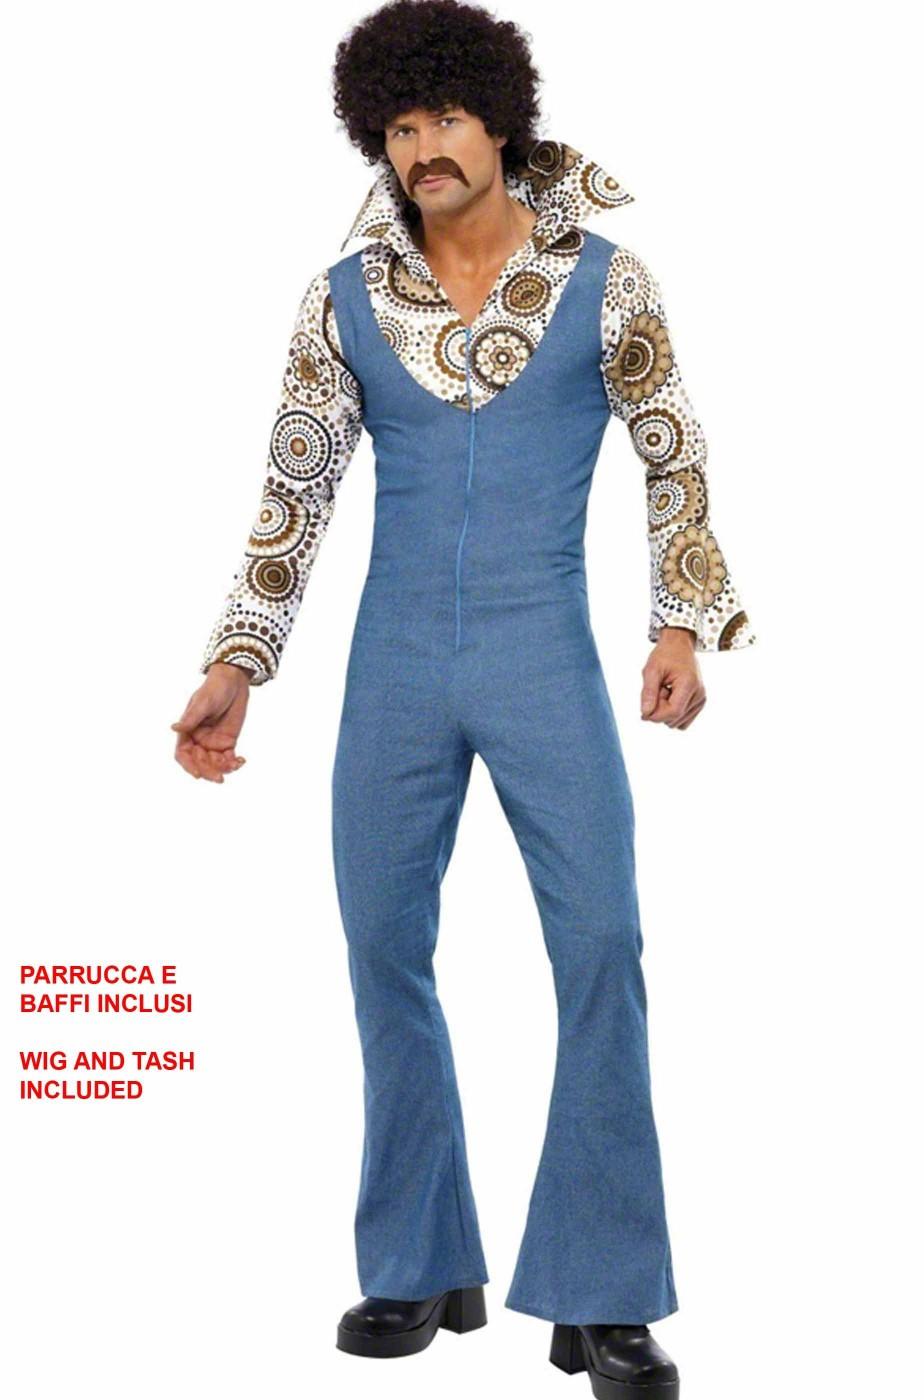 Uomo Anni 70.Vestito Di Carnevale Anni 70 Salopette Completo Con Parrucca E Baffi